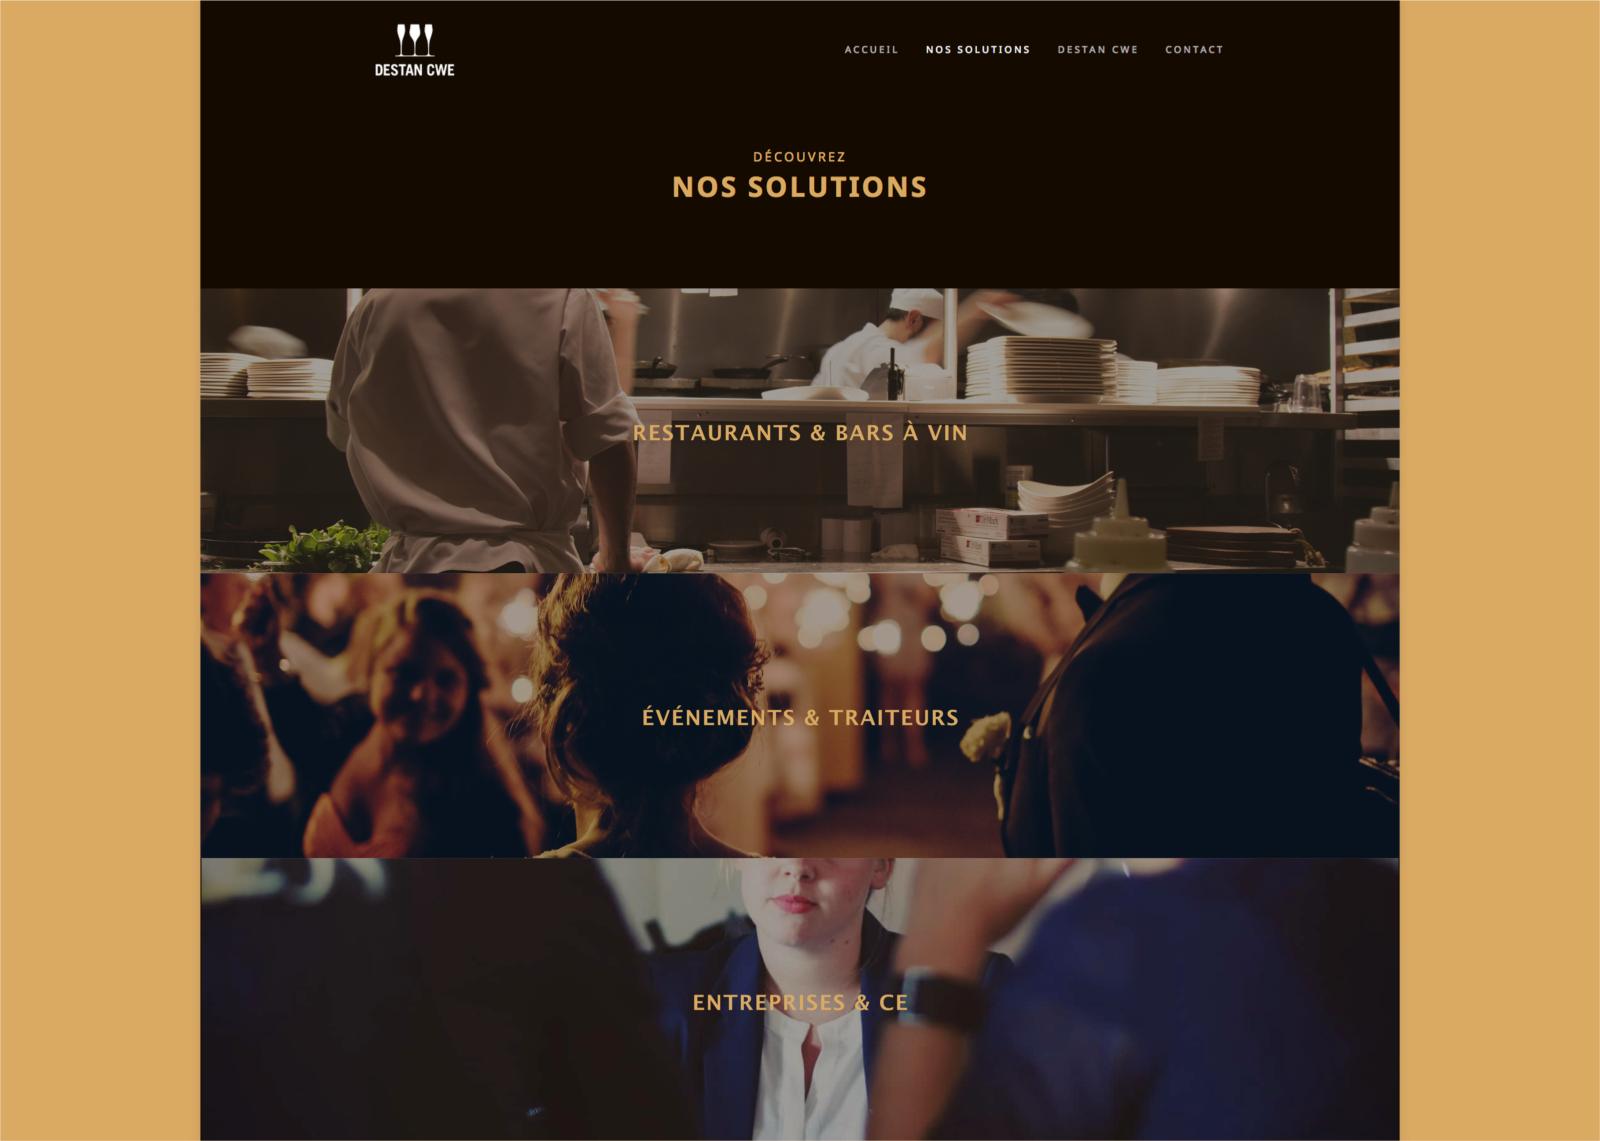 Page des solutions du site web de Destan réalisé par le Studio DPE